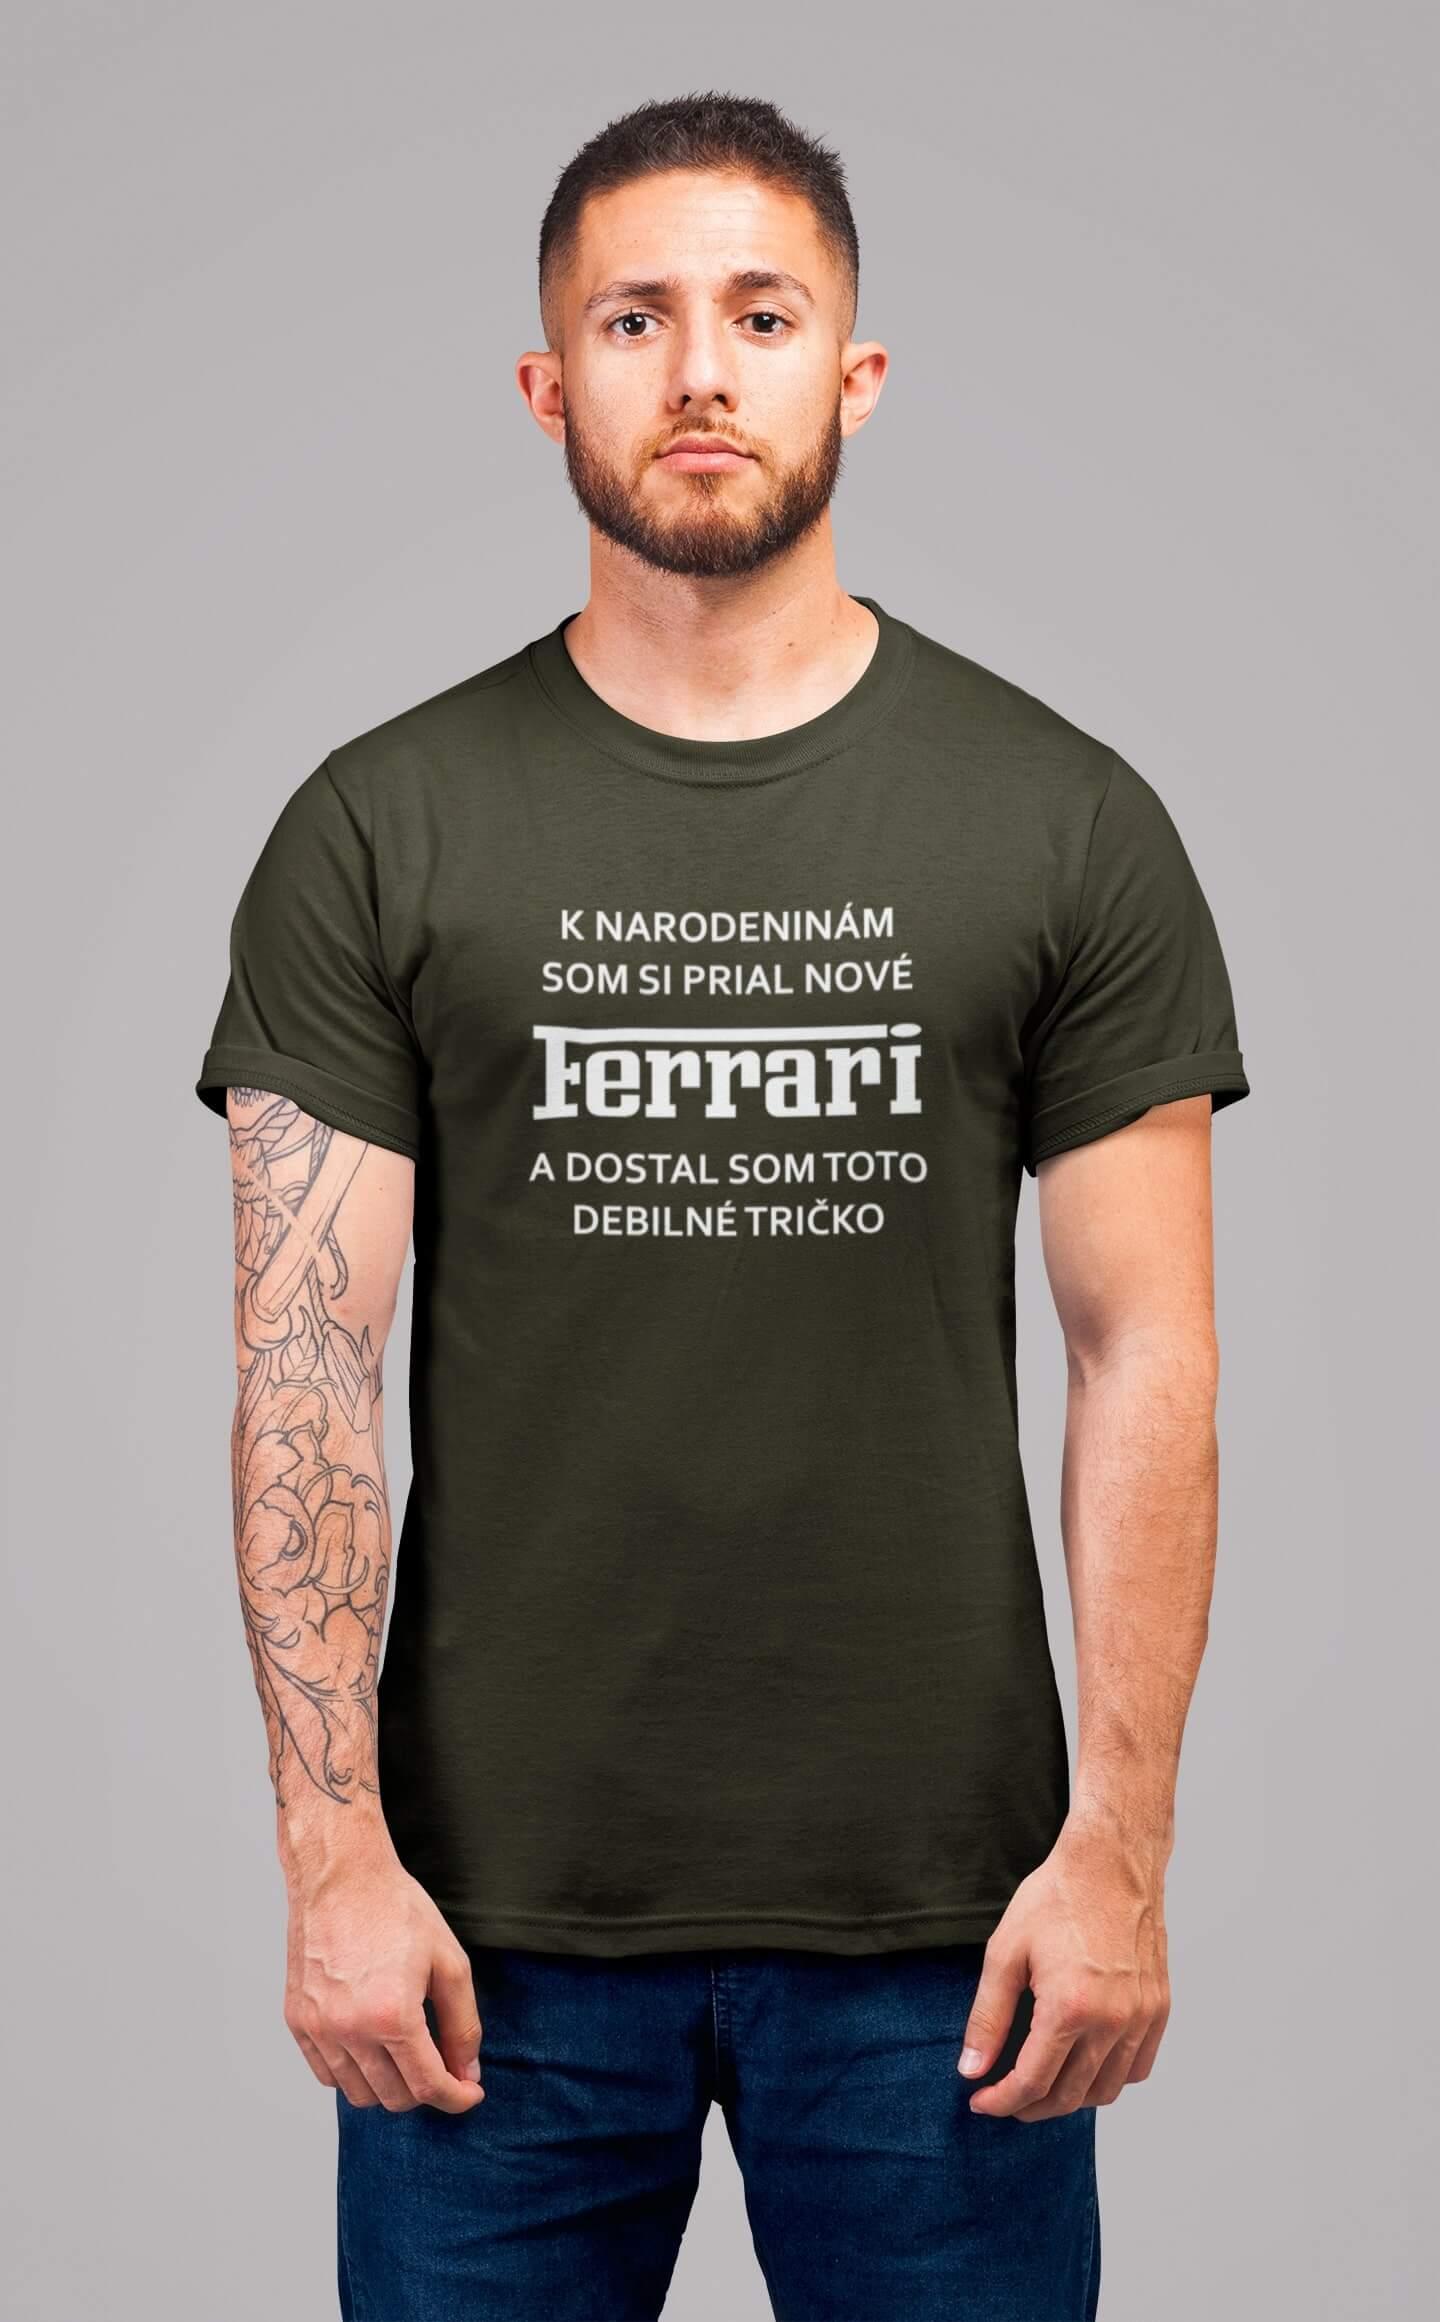 MMO Pánske tričko FERRARI Vyberte farbu: Military, Vyberte veľkosť: XS